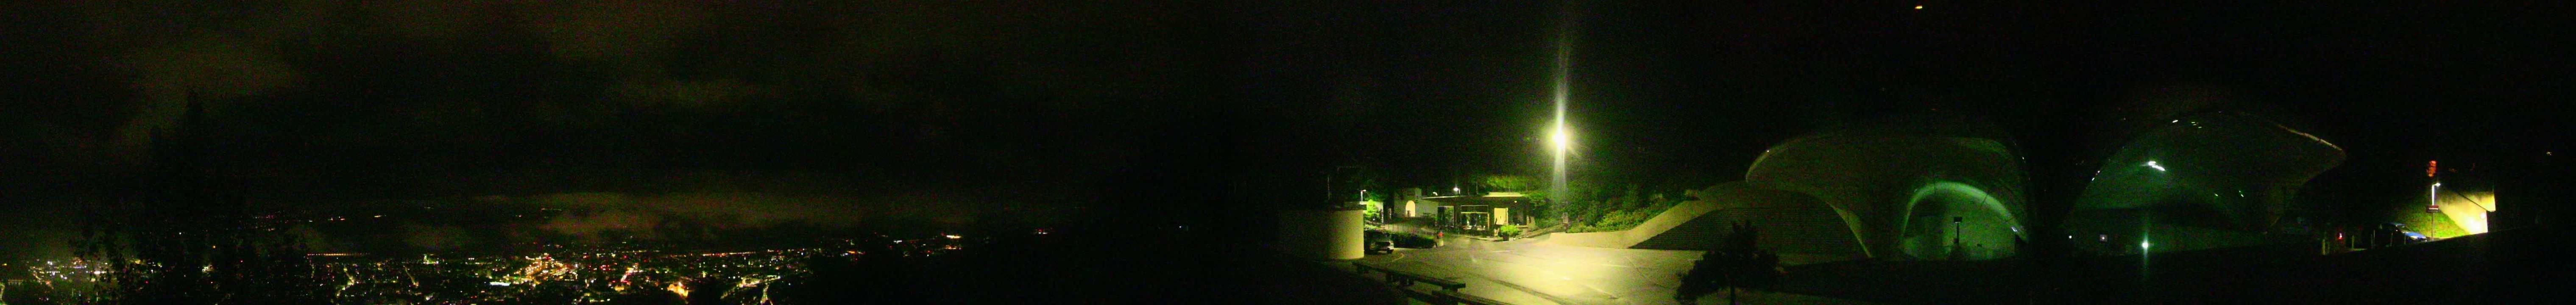 In nur 20 Minuten gelangen Familien mit der Hungerburgbahn vom Innsbrucker Stadtzentrum in das hochalpine Gelände der Nordkette Innsbruck.